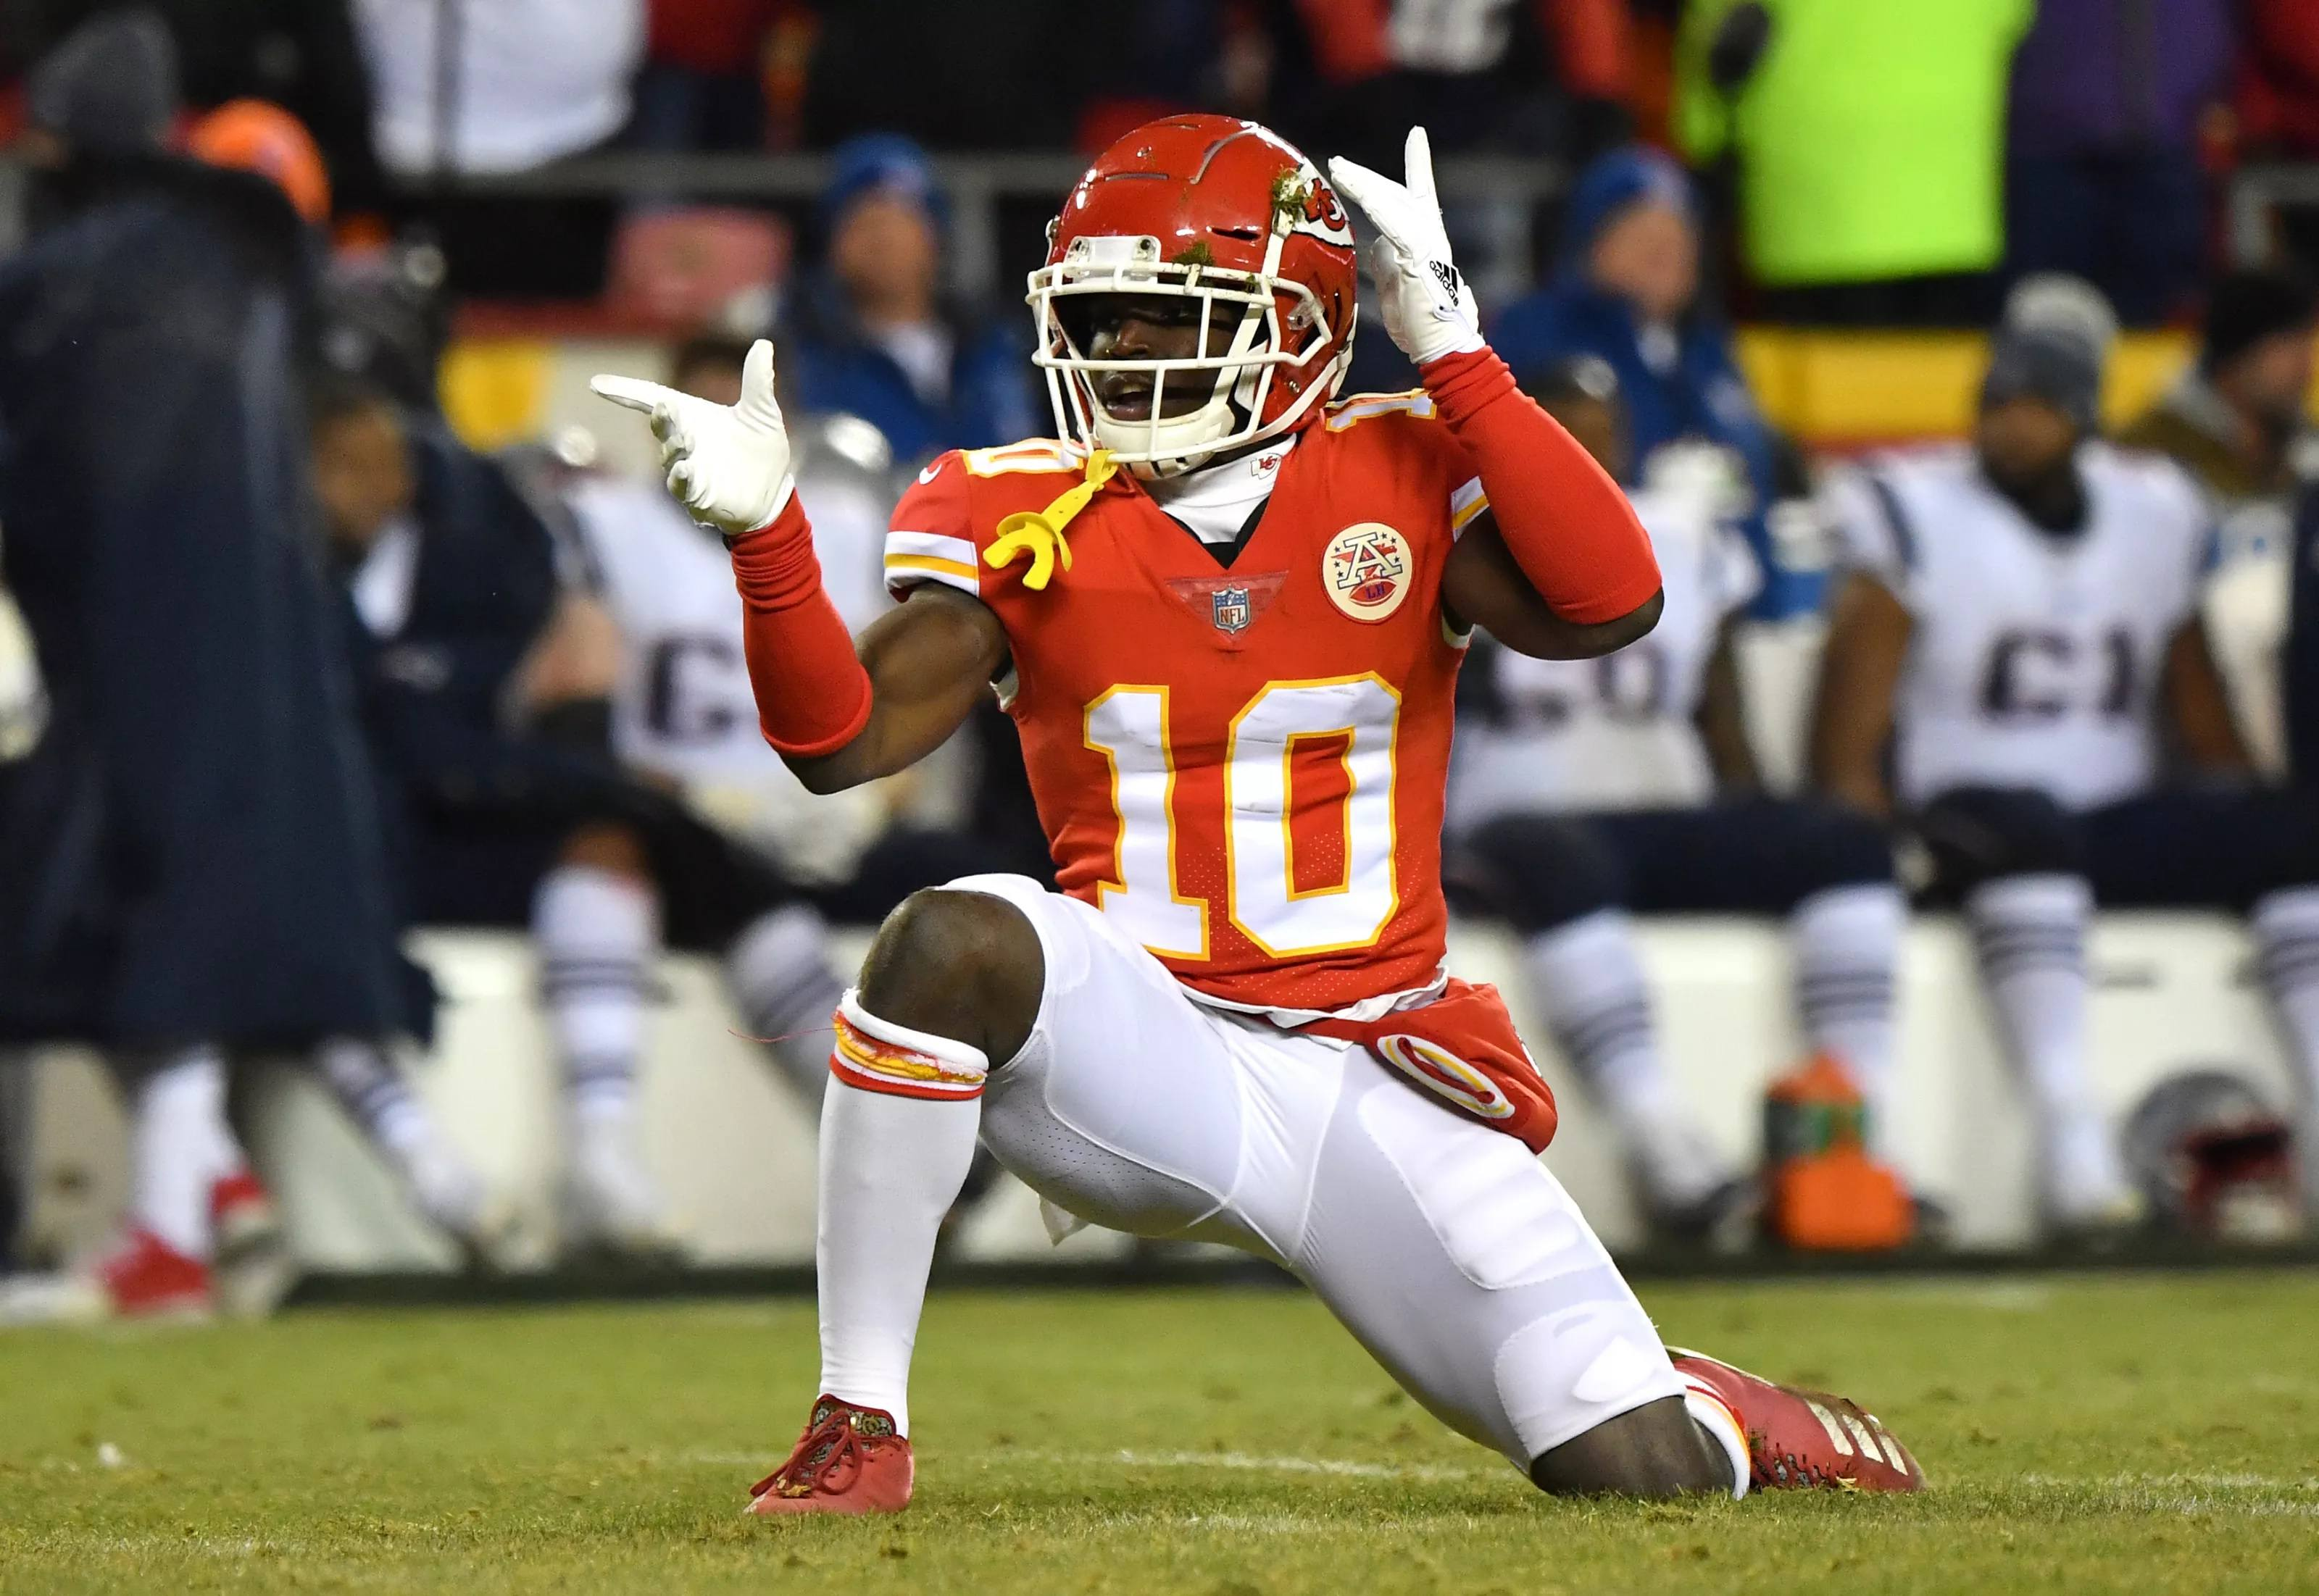 Kansas City Chiefs receiver Tyreek Hill